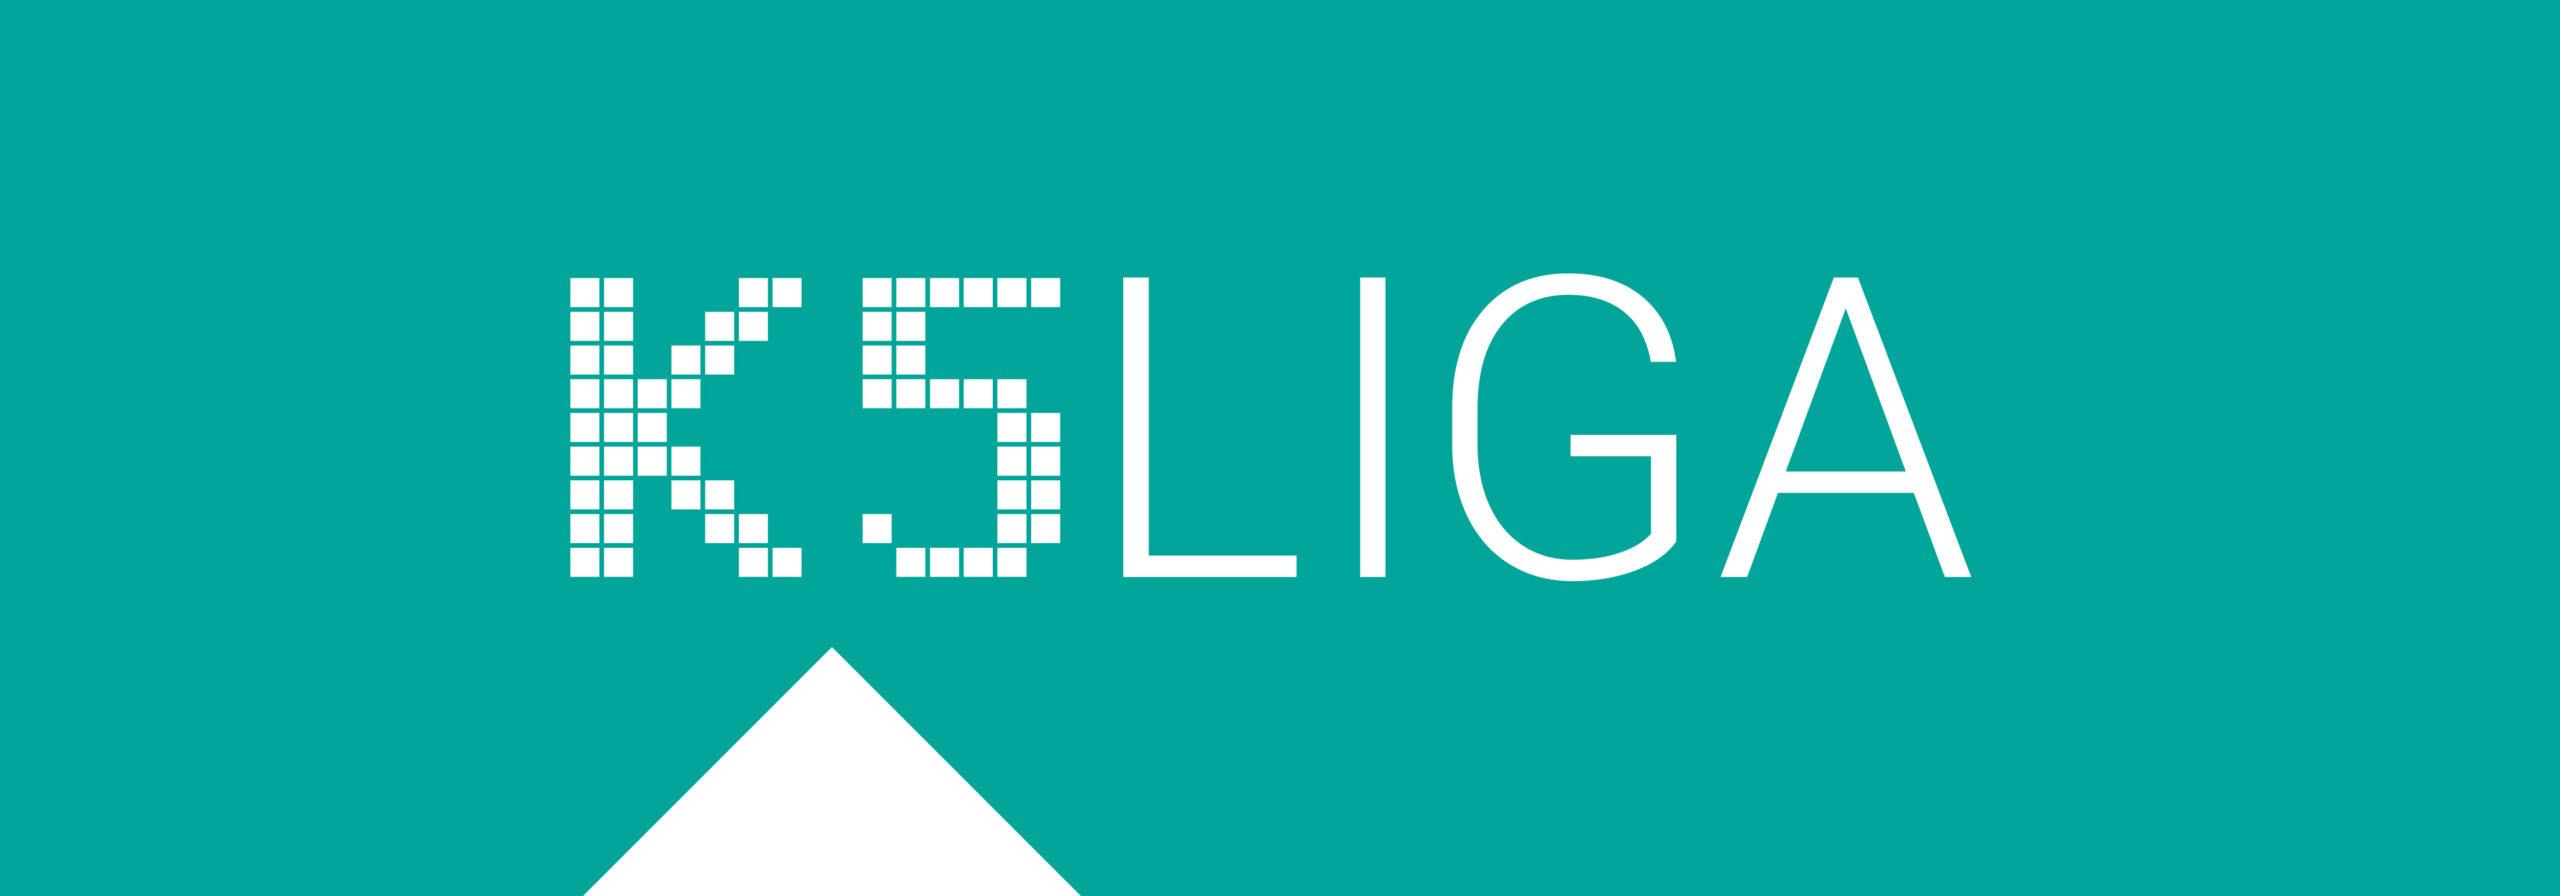 K5 LIGA Logo auf grünem Grund